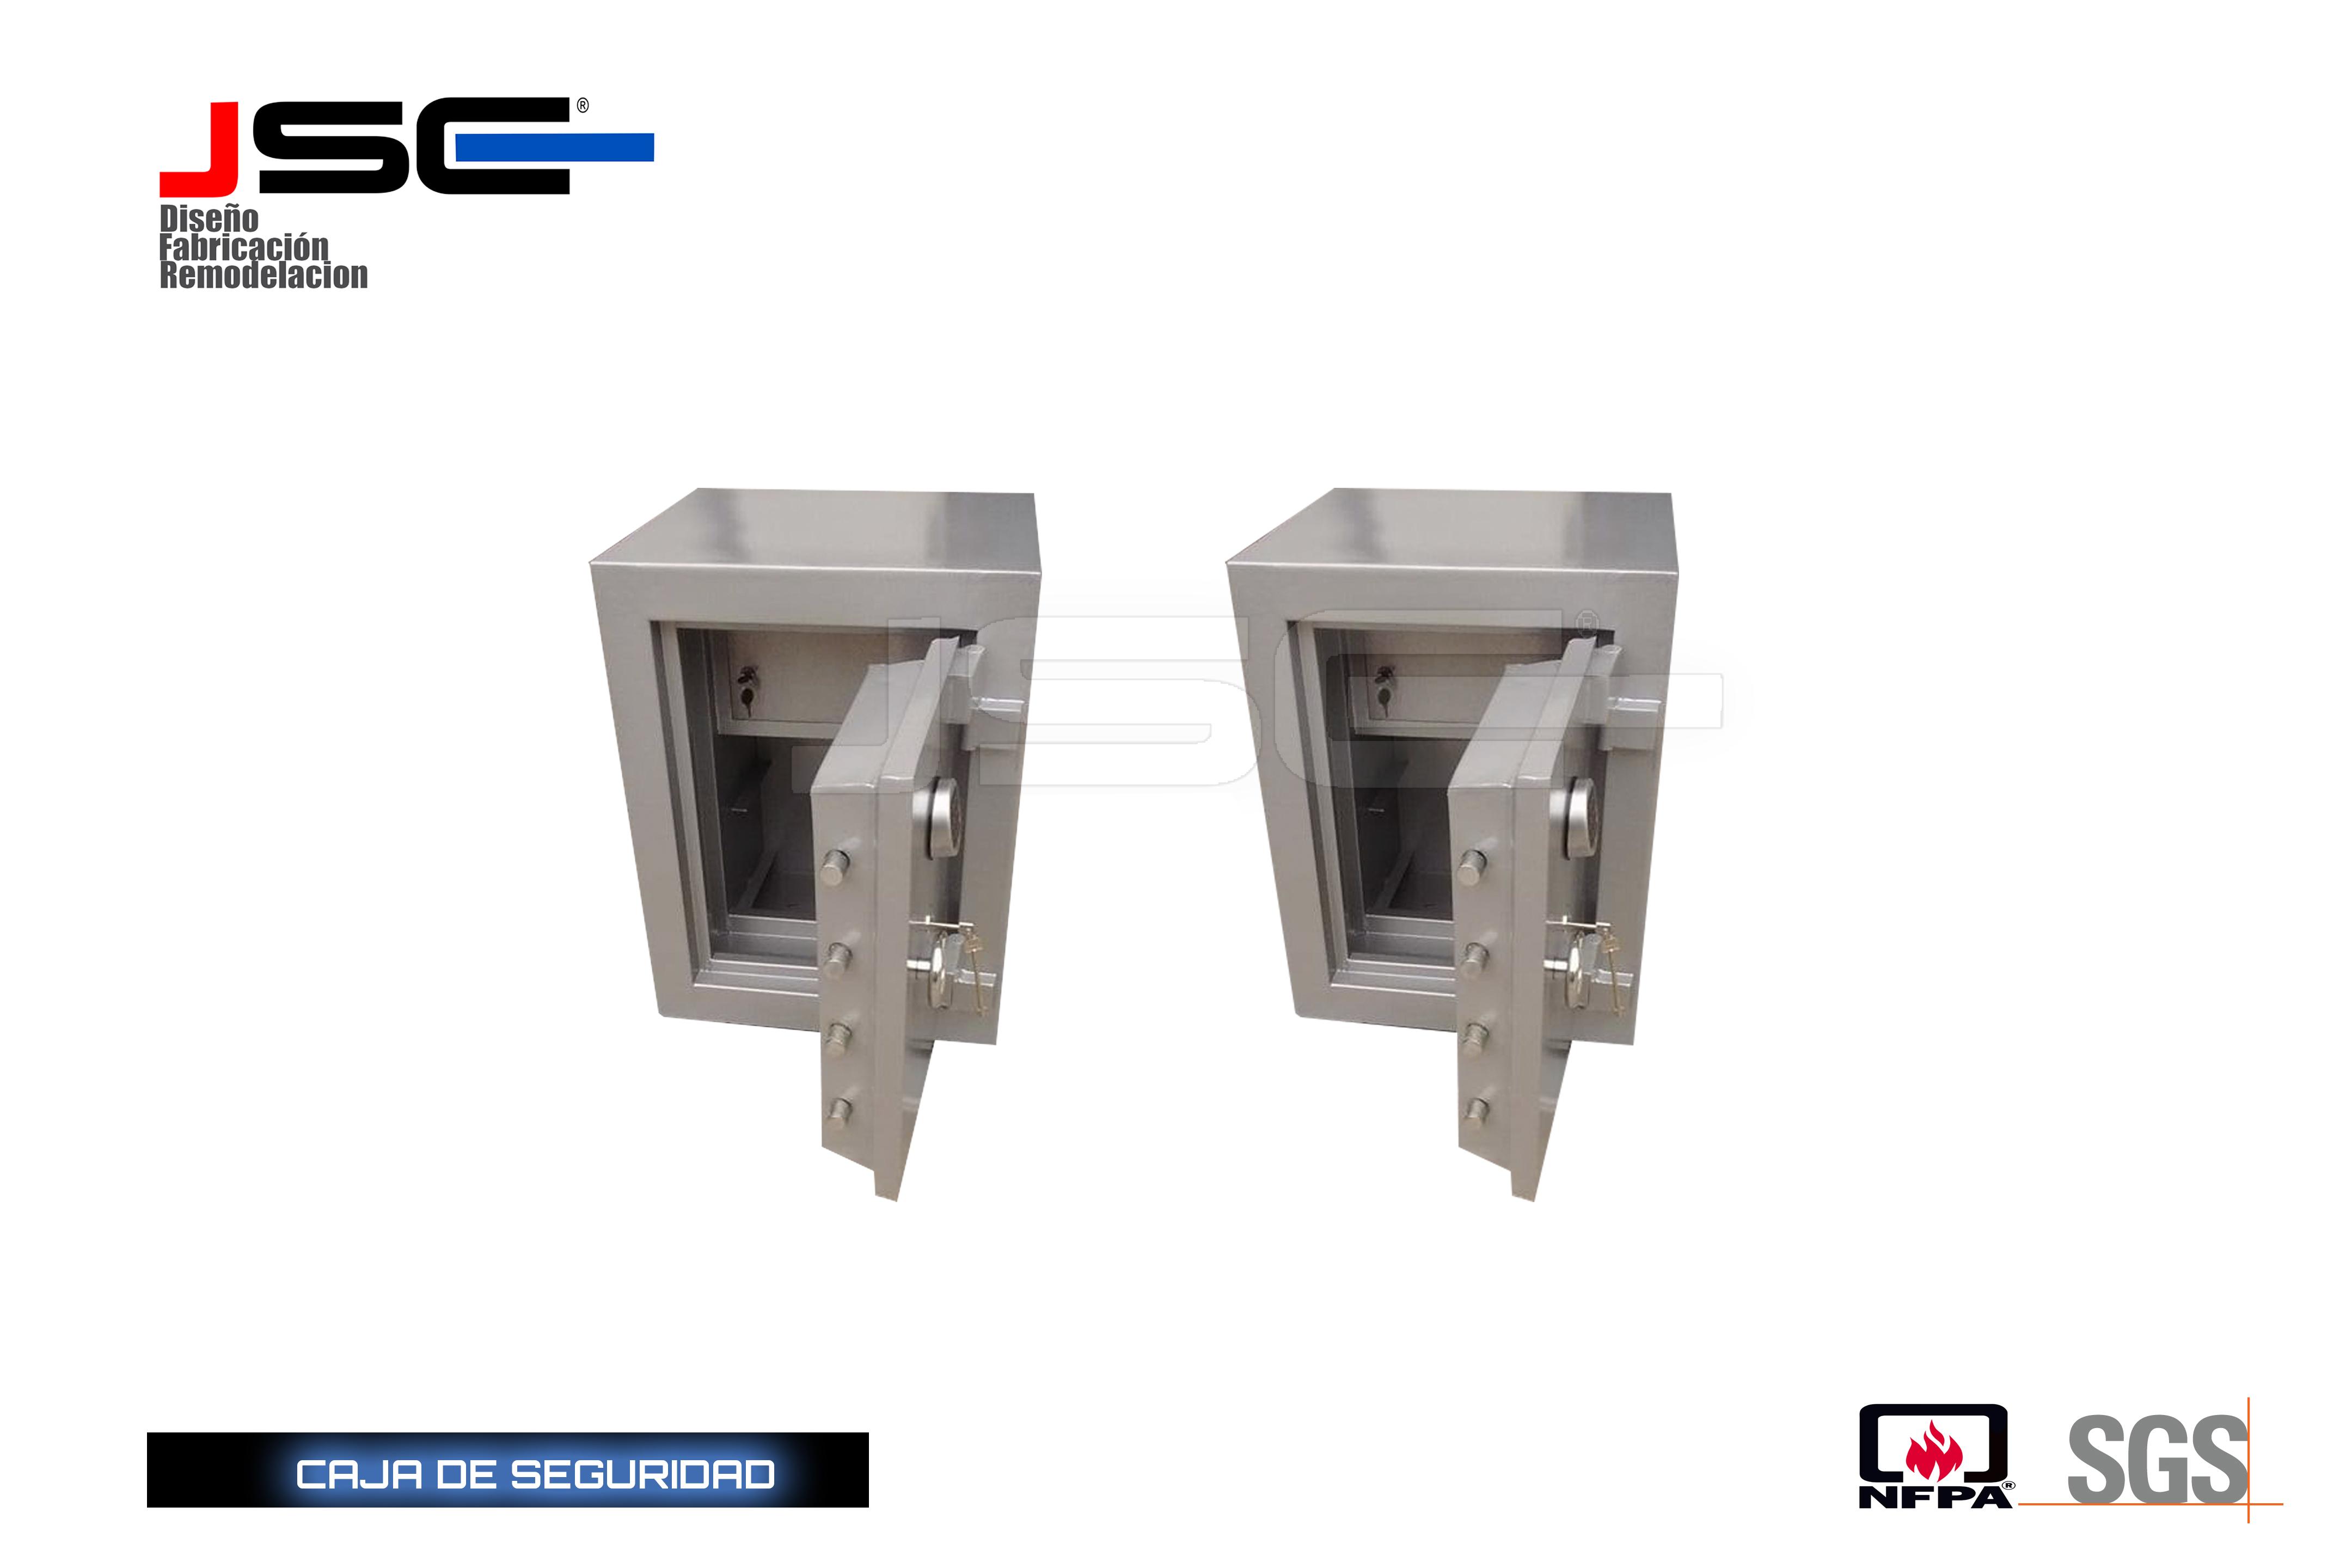 Caja de piso JSCP010